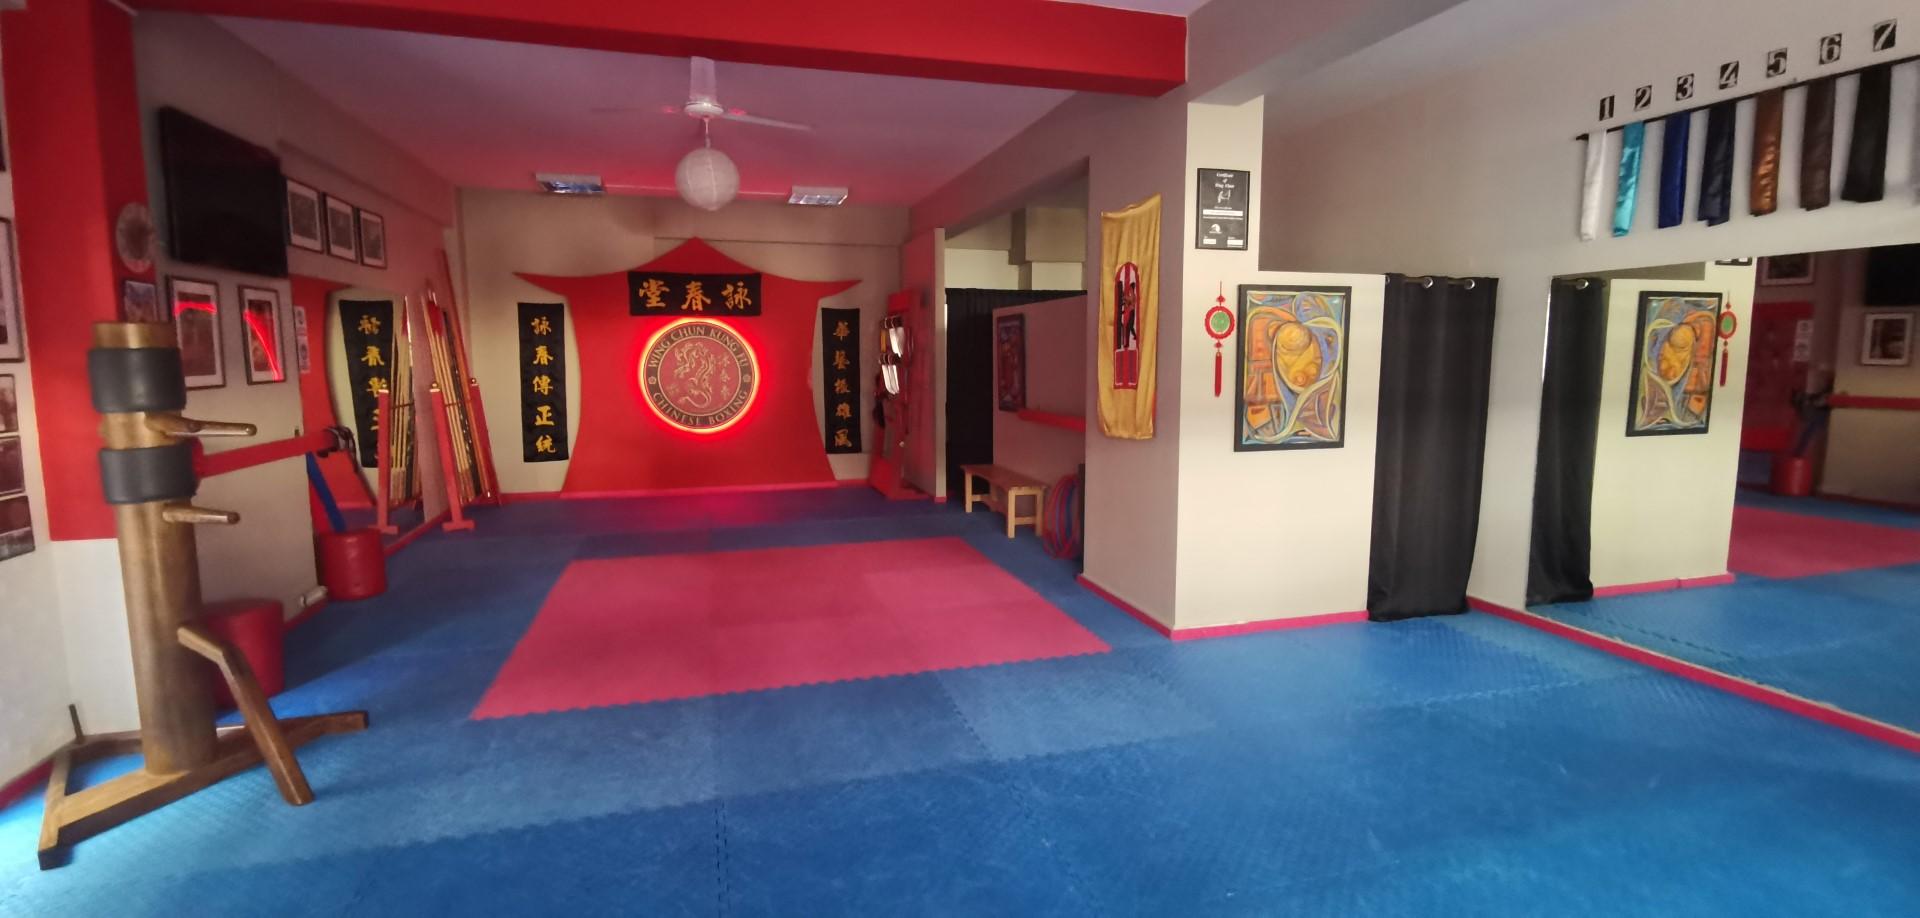 Wing Chun School Martiou